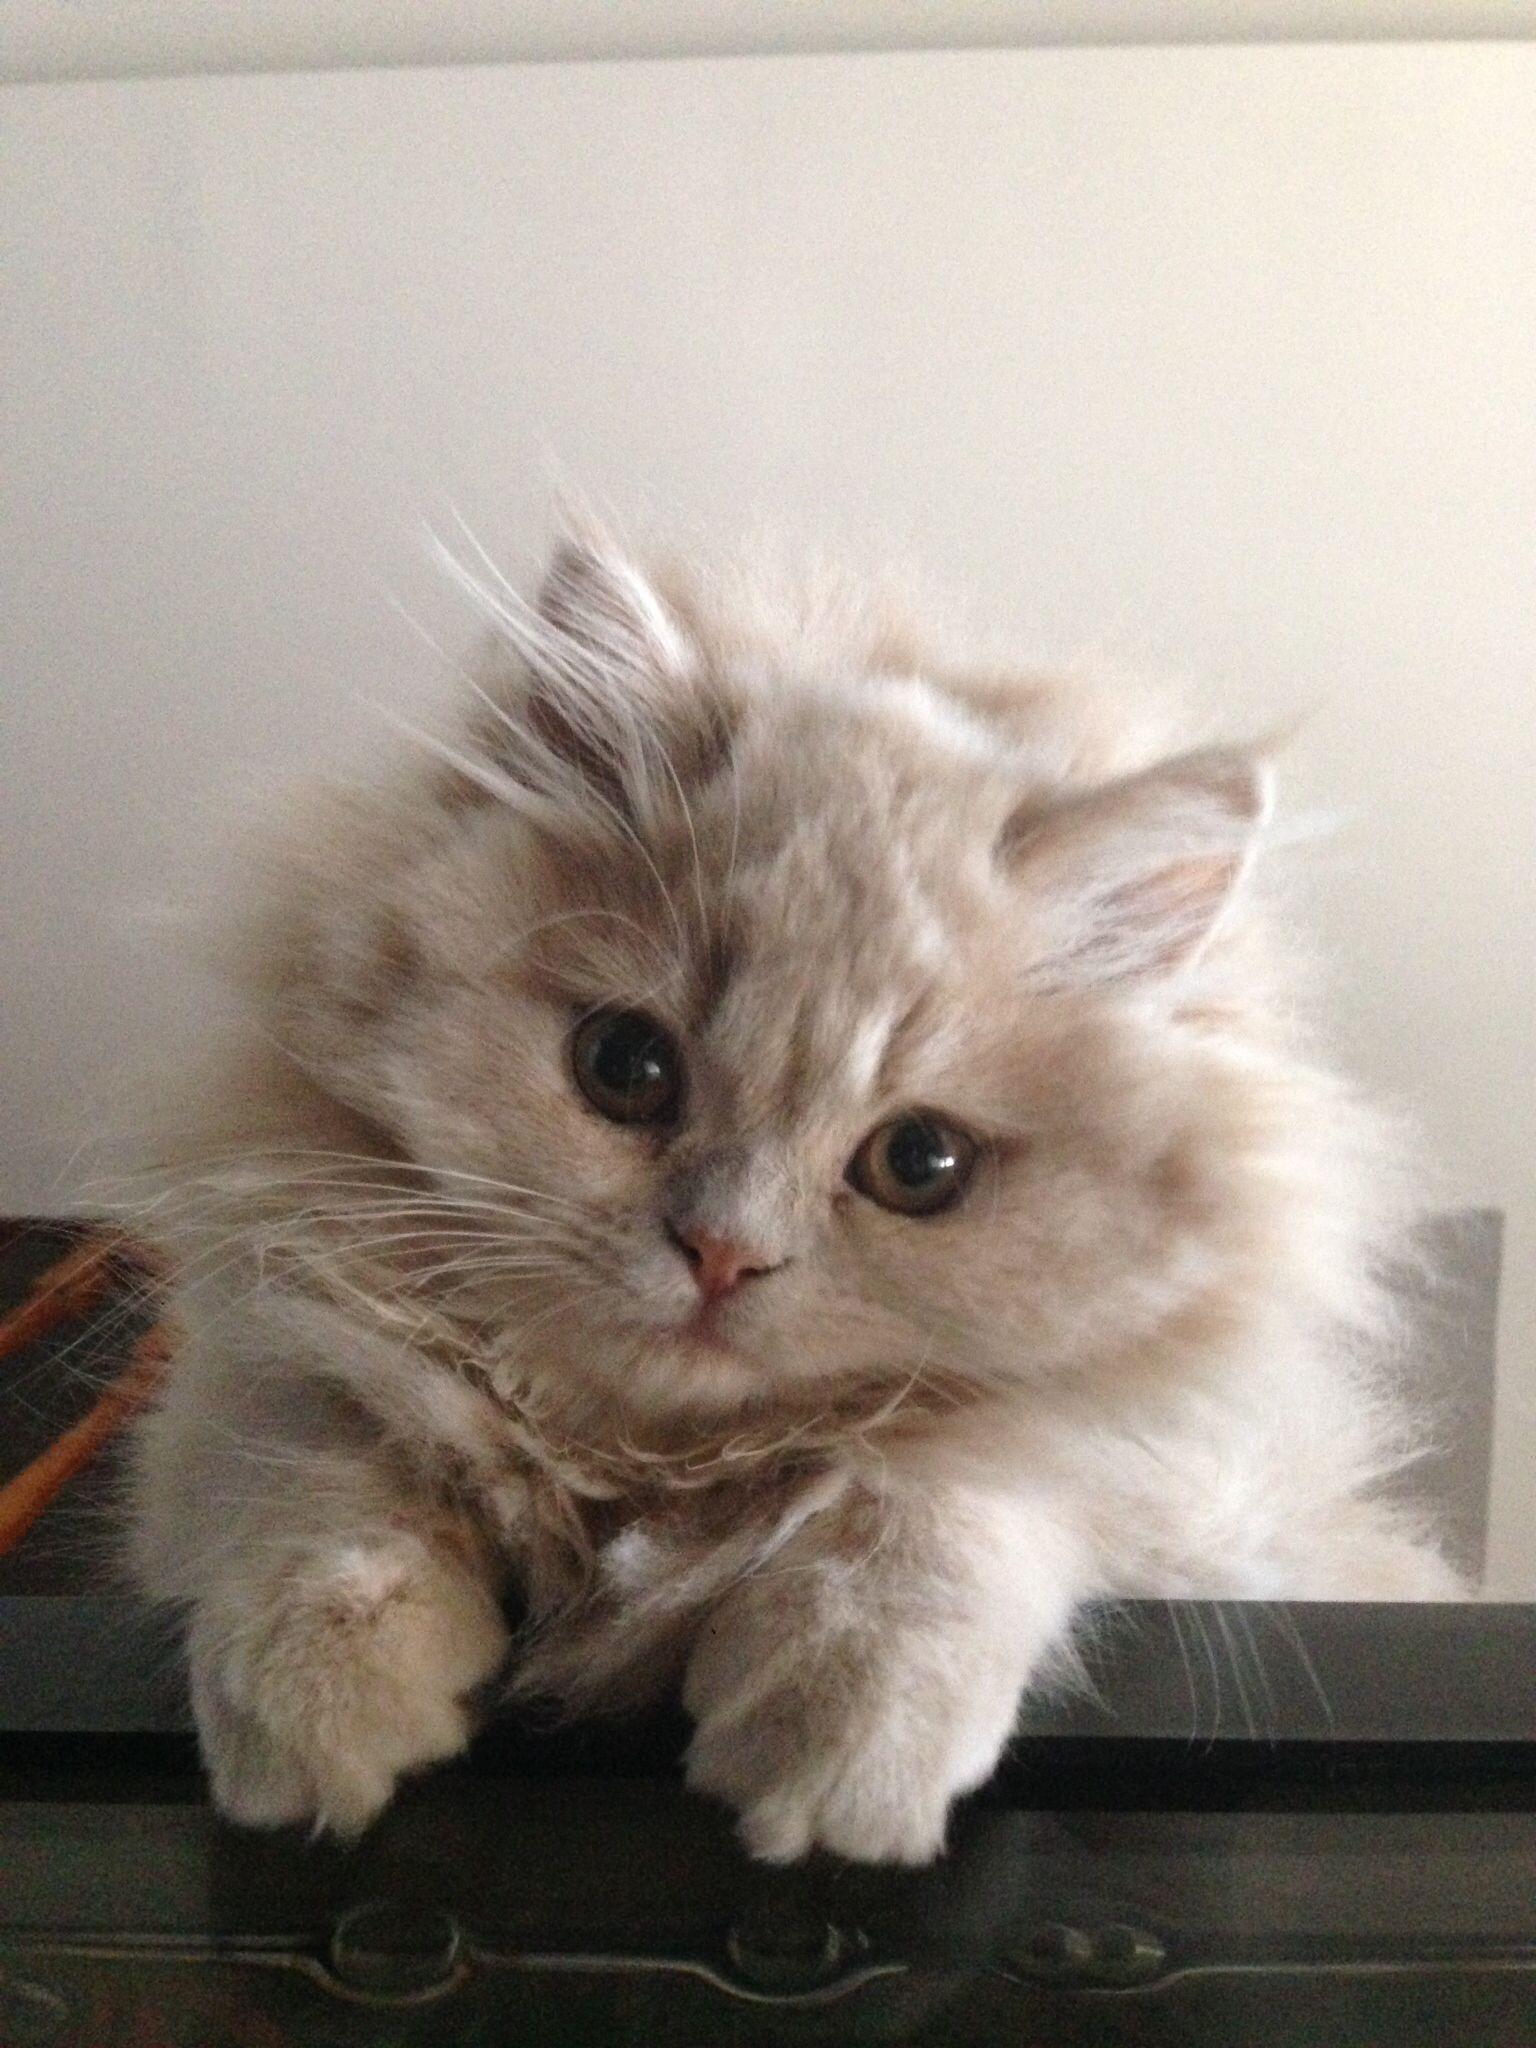 Cream Doll Face Persian Kitten Instagram Com Dollfacemadison Persiancat Persiancatdollface Cute Cats Popular Cat Breeds Kittens Cutest